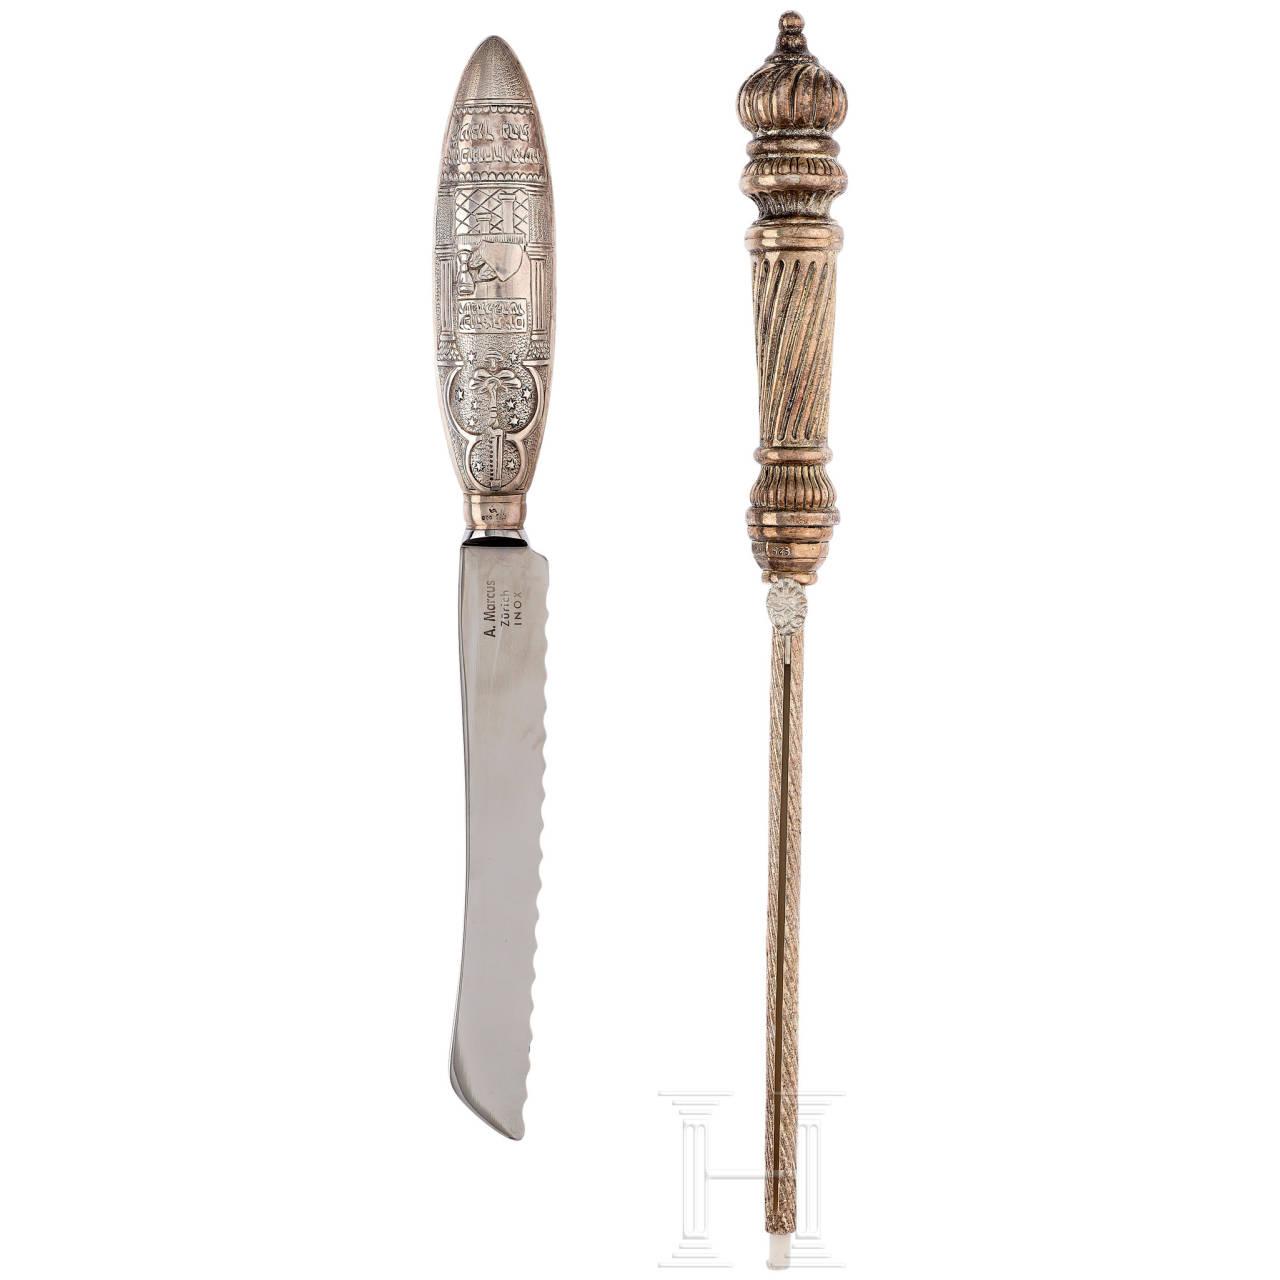 Silbergefasstes Messer und Anzünder, Schweiz, 20. Jhdt.